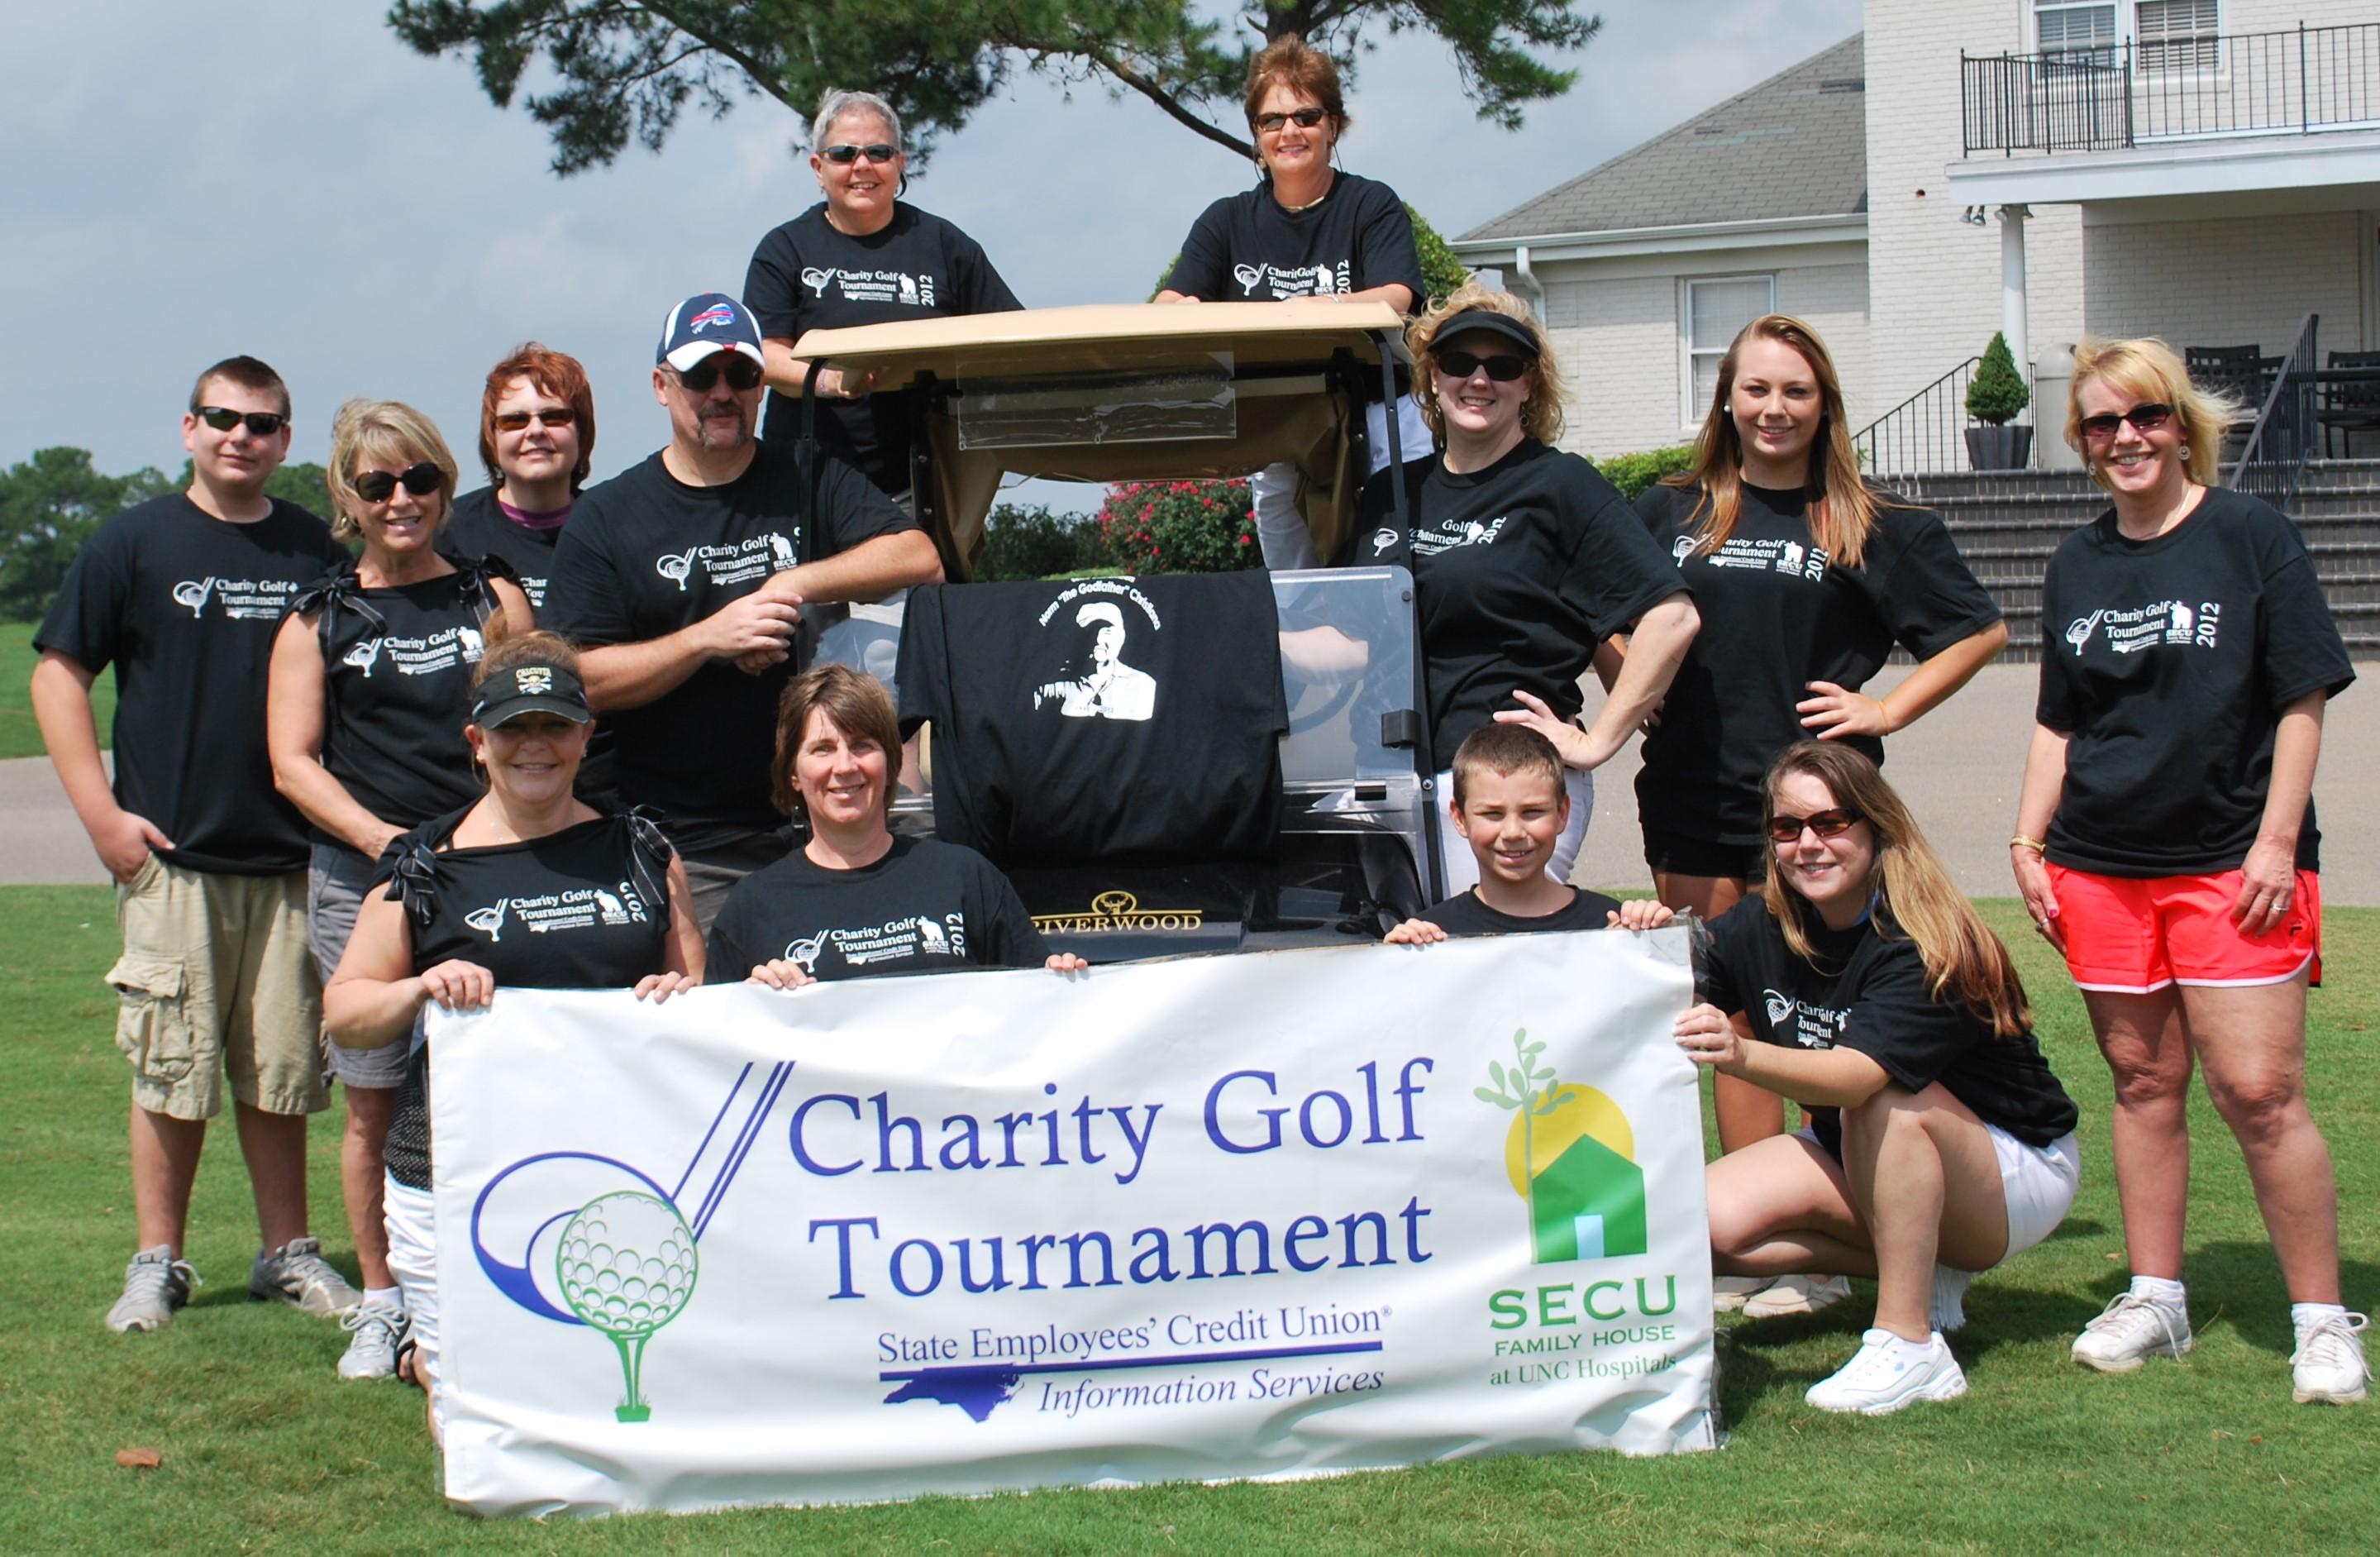 SECU Golf Tournament